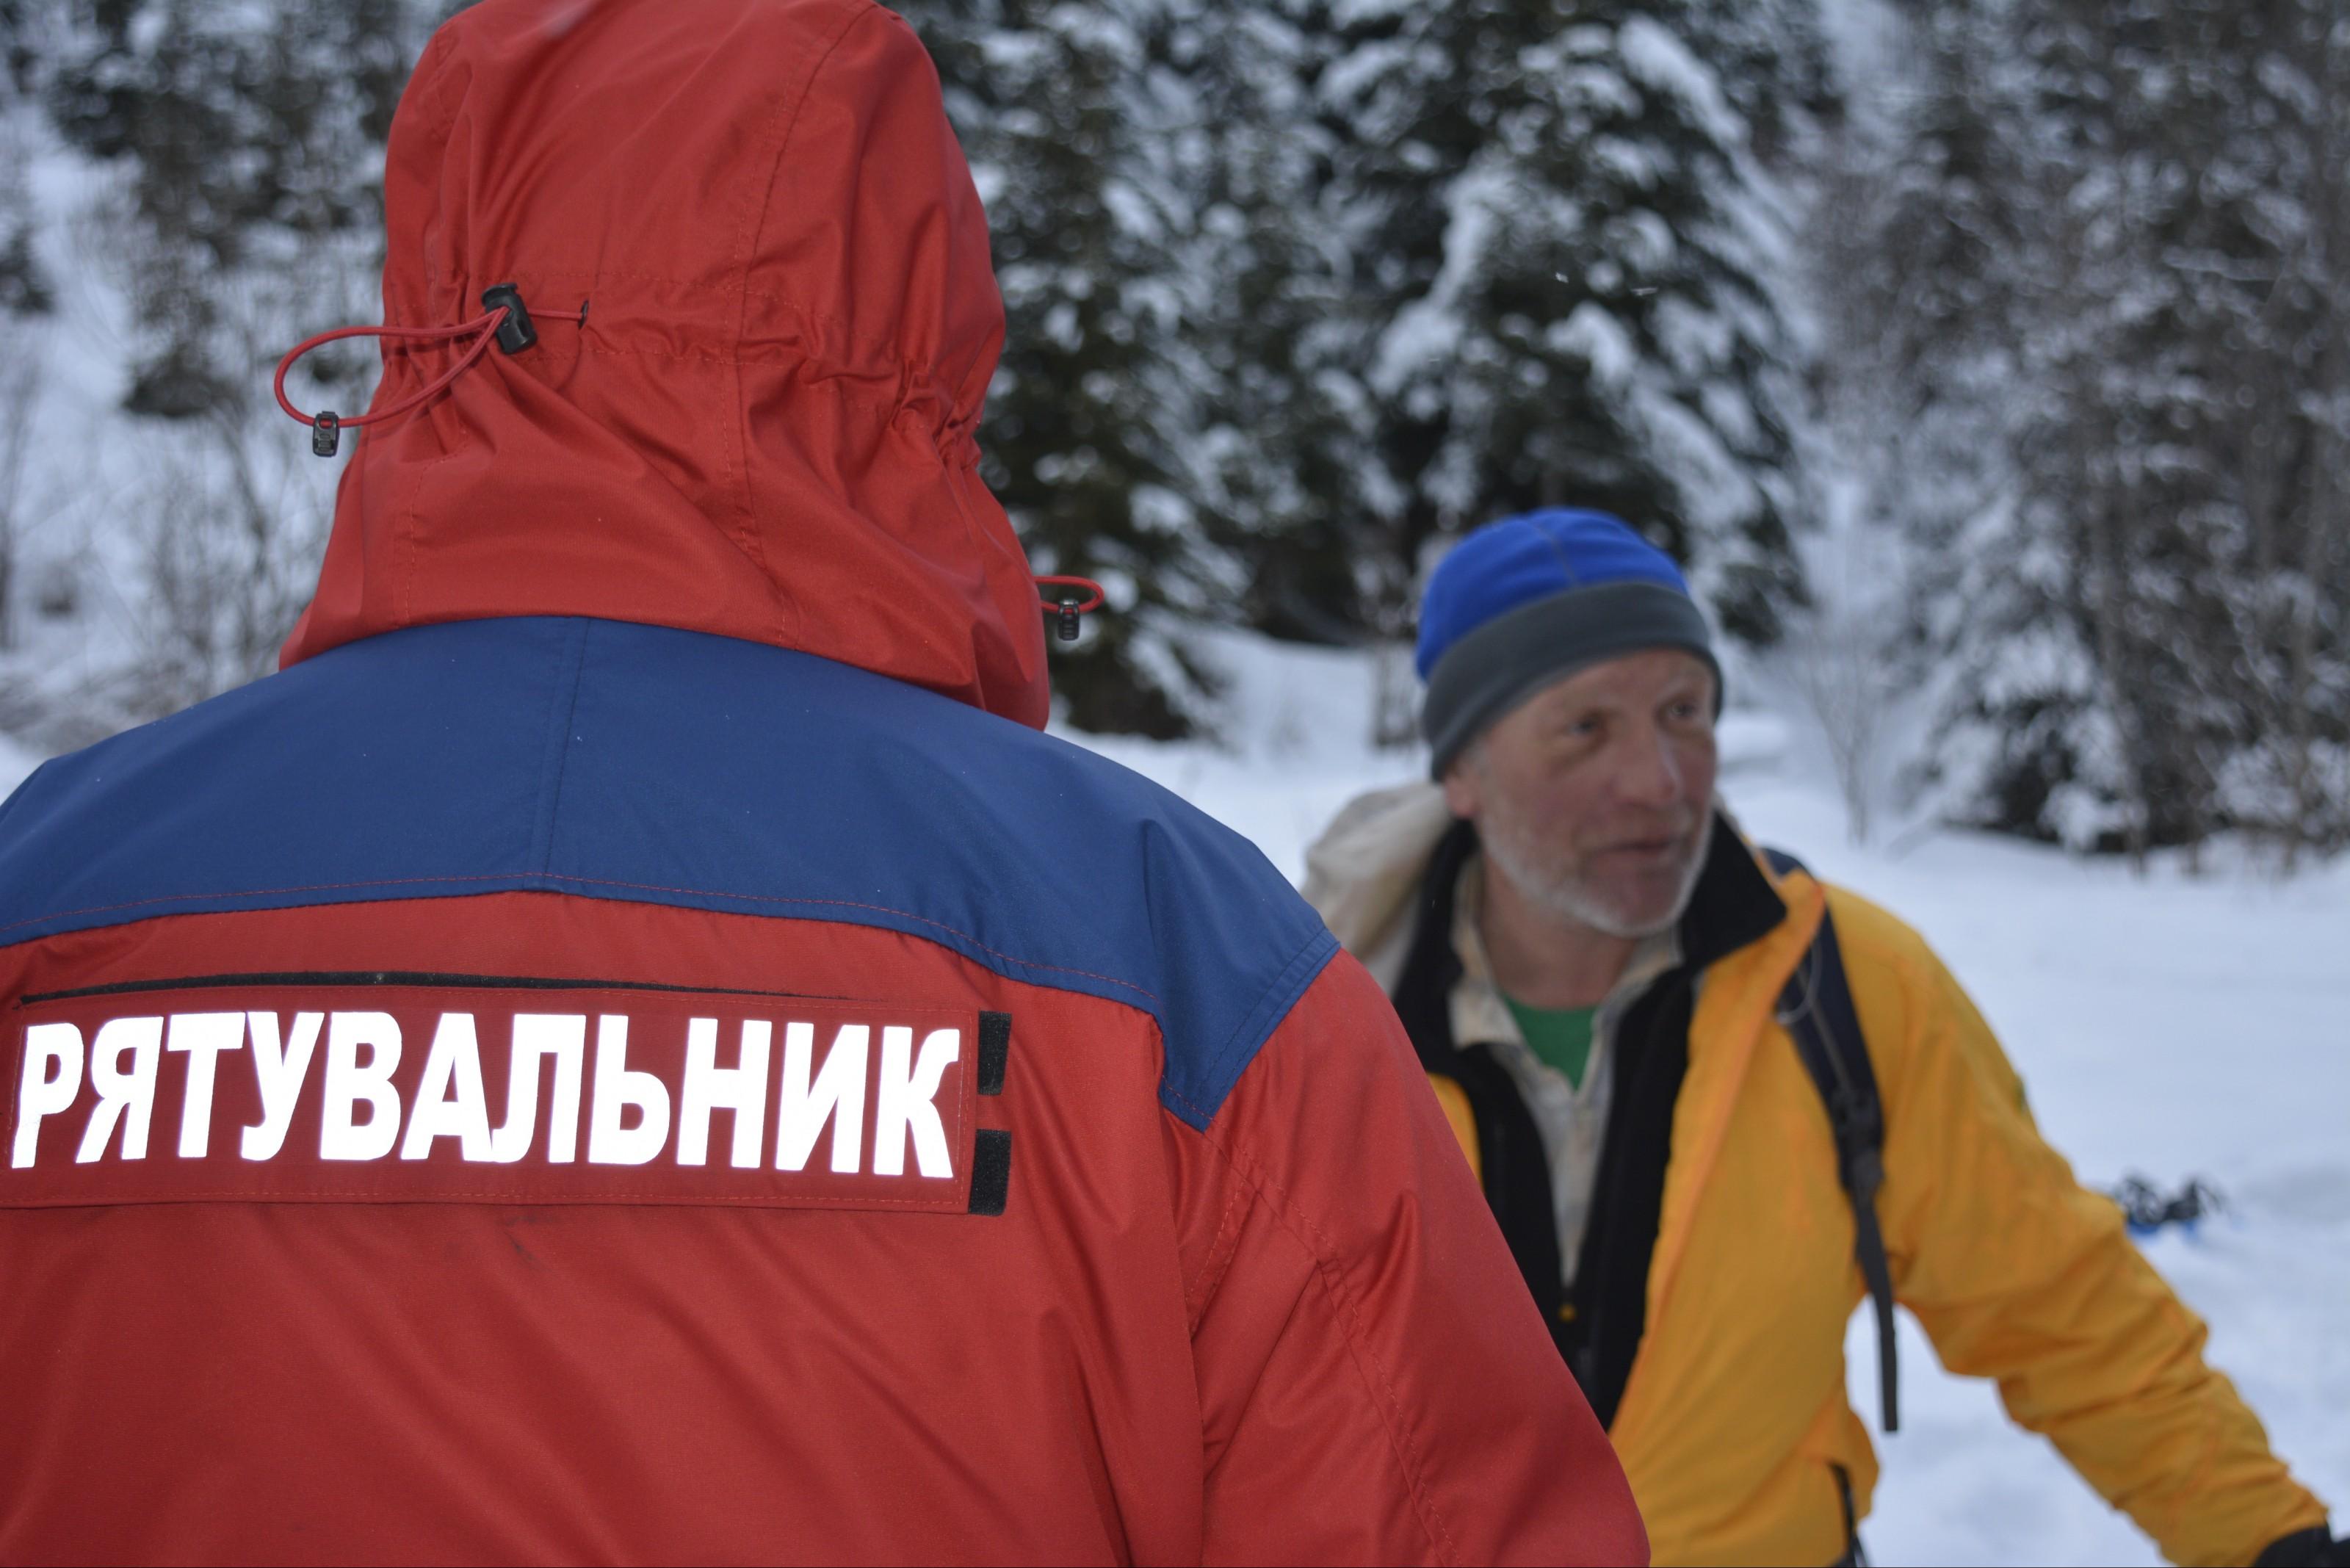 Рахів'янин зареєстрував петицію до Президента про оплату незастрахованими туристами рятувальних операцій.